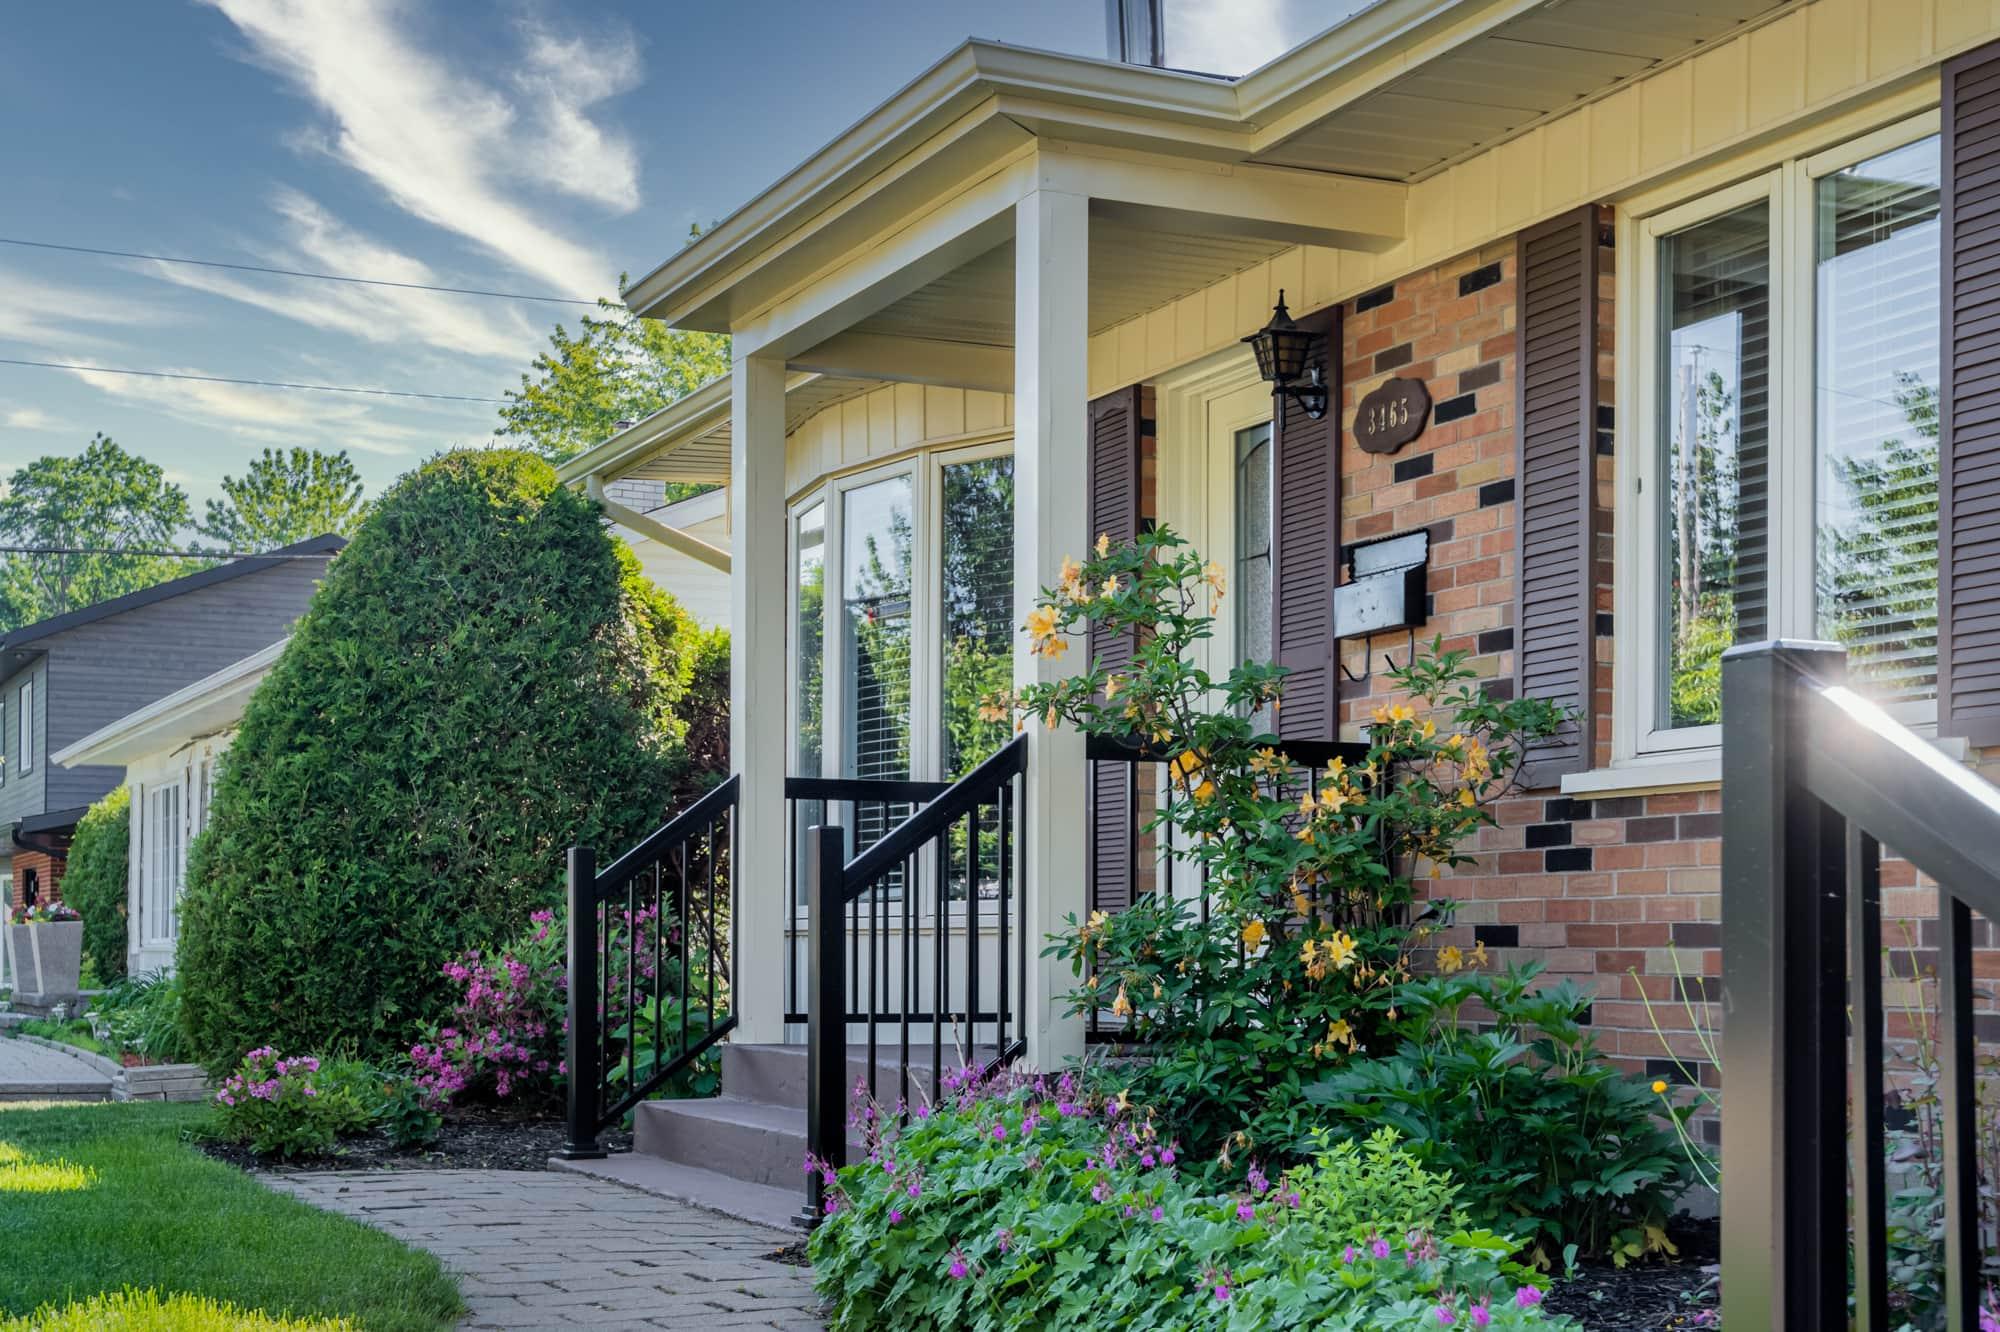 galerie avant d'une maison en briques beige et brune avec petit toit et rampes en aluminium